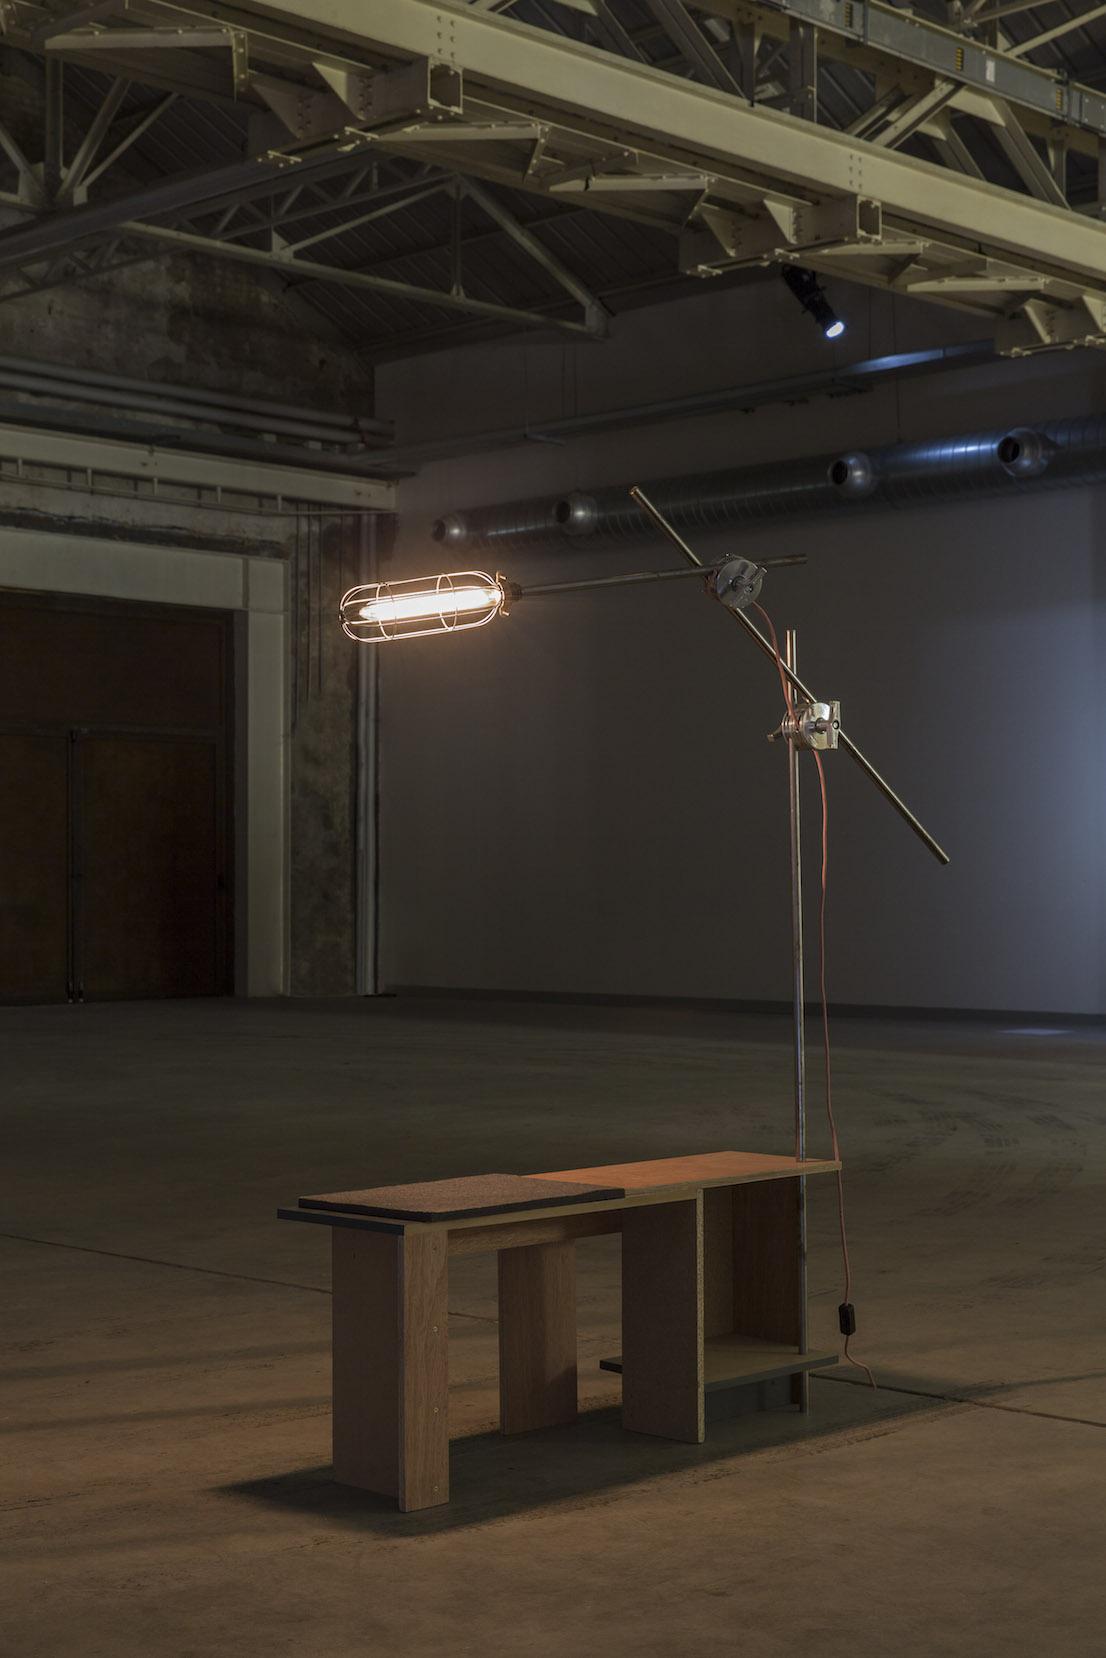 Celine Condorelli, Structure for Preparing the Piano, 2012. Courtesy l'artista, Fondazione HangarBicocca, Milano. Foto Agostino Osio.